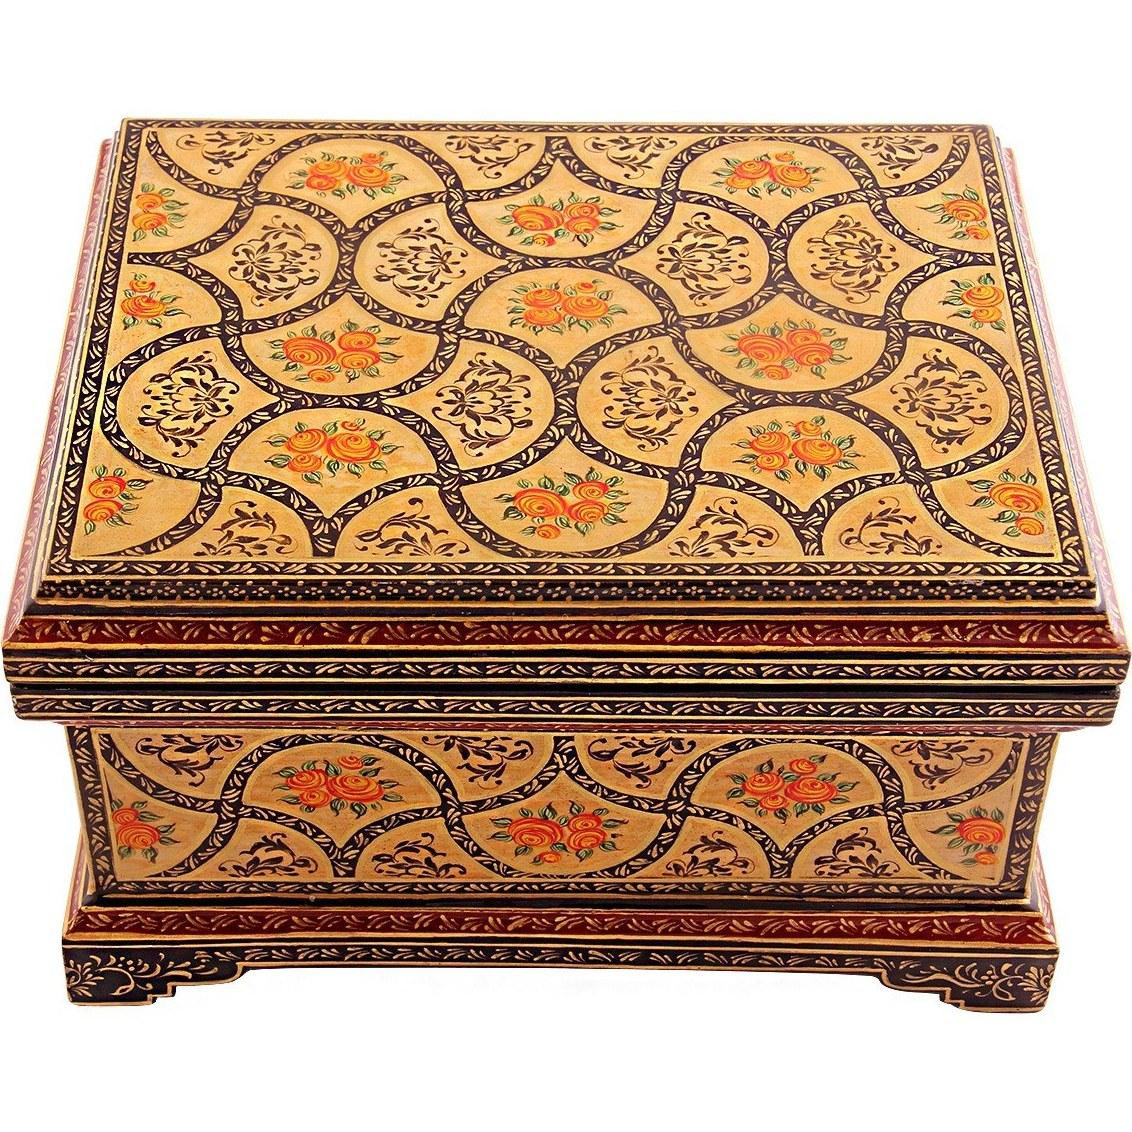 جعبه چوبی طرح واگیره اثر استاد سارنج